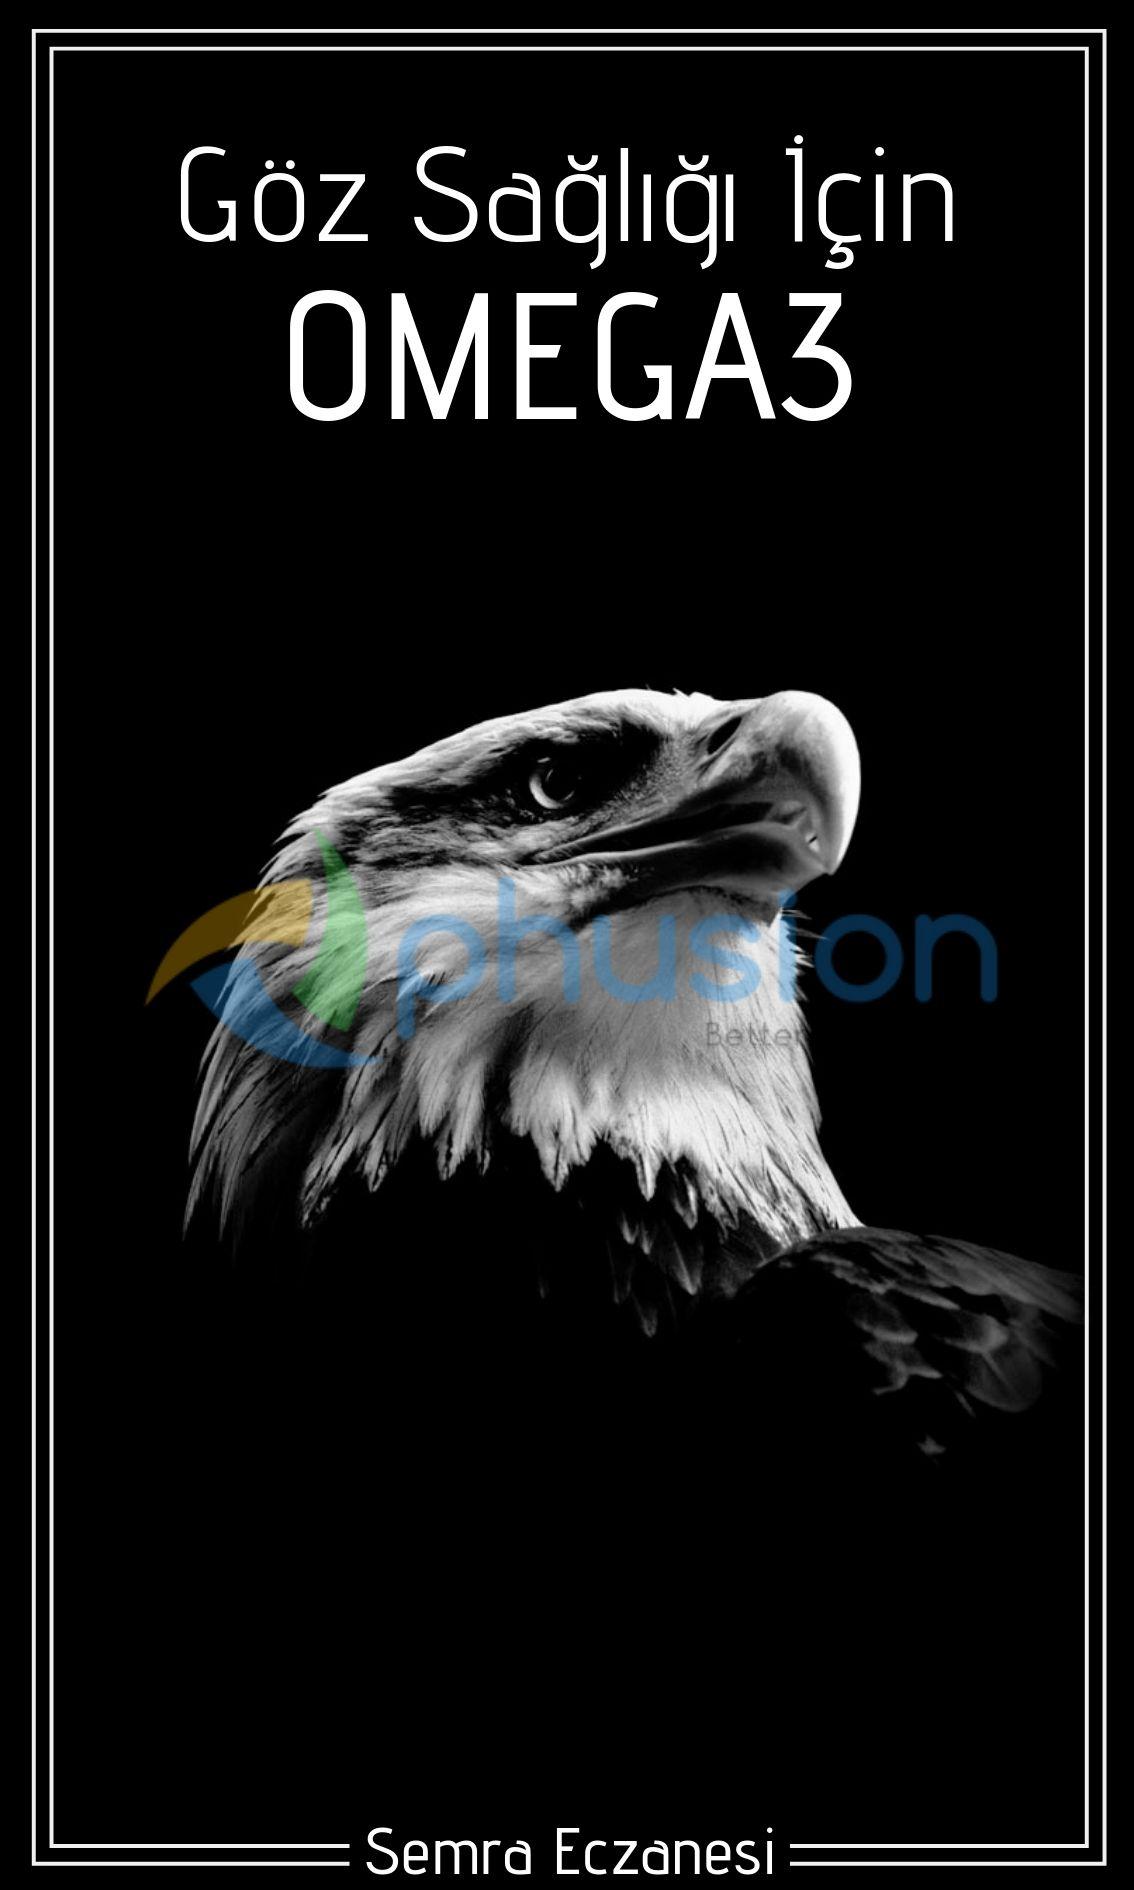 göz sağlığı için omega3